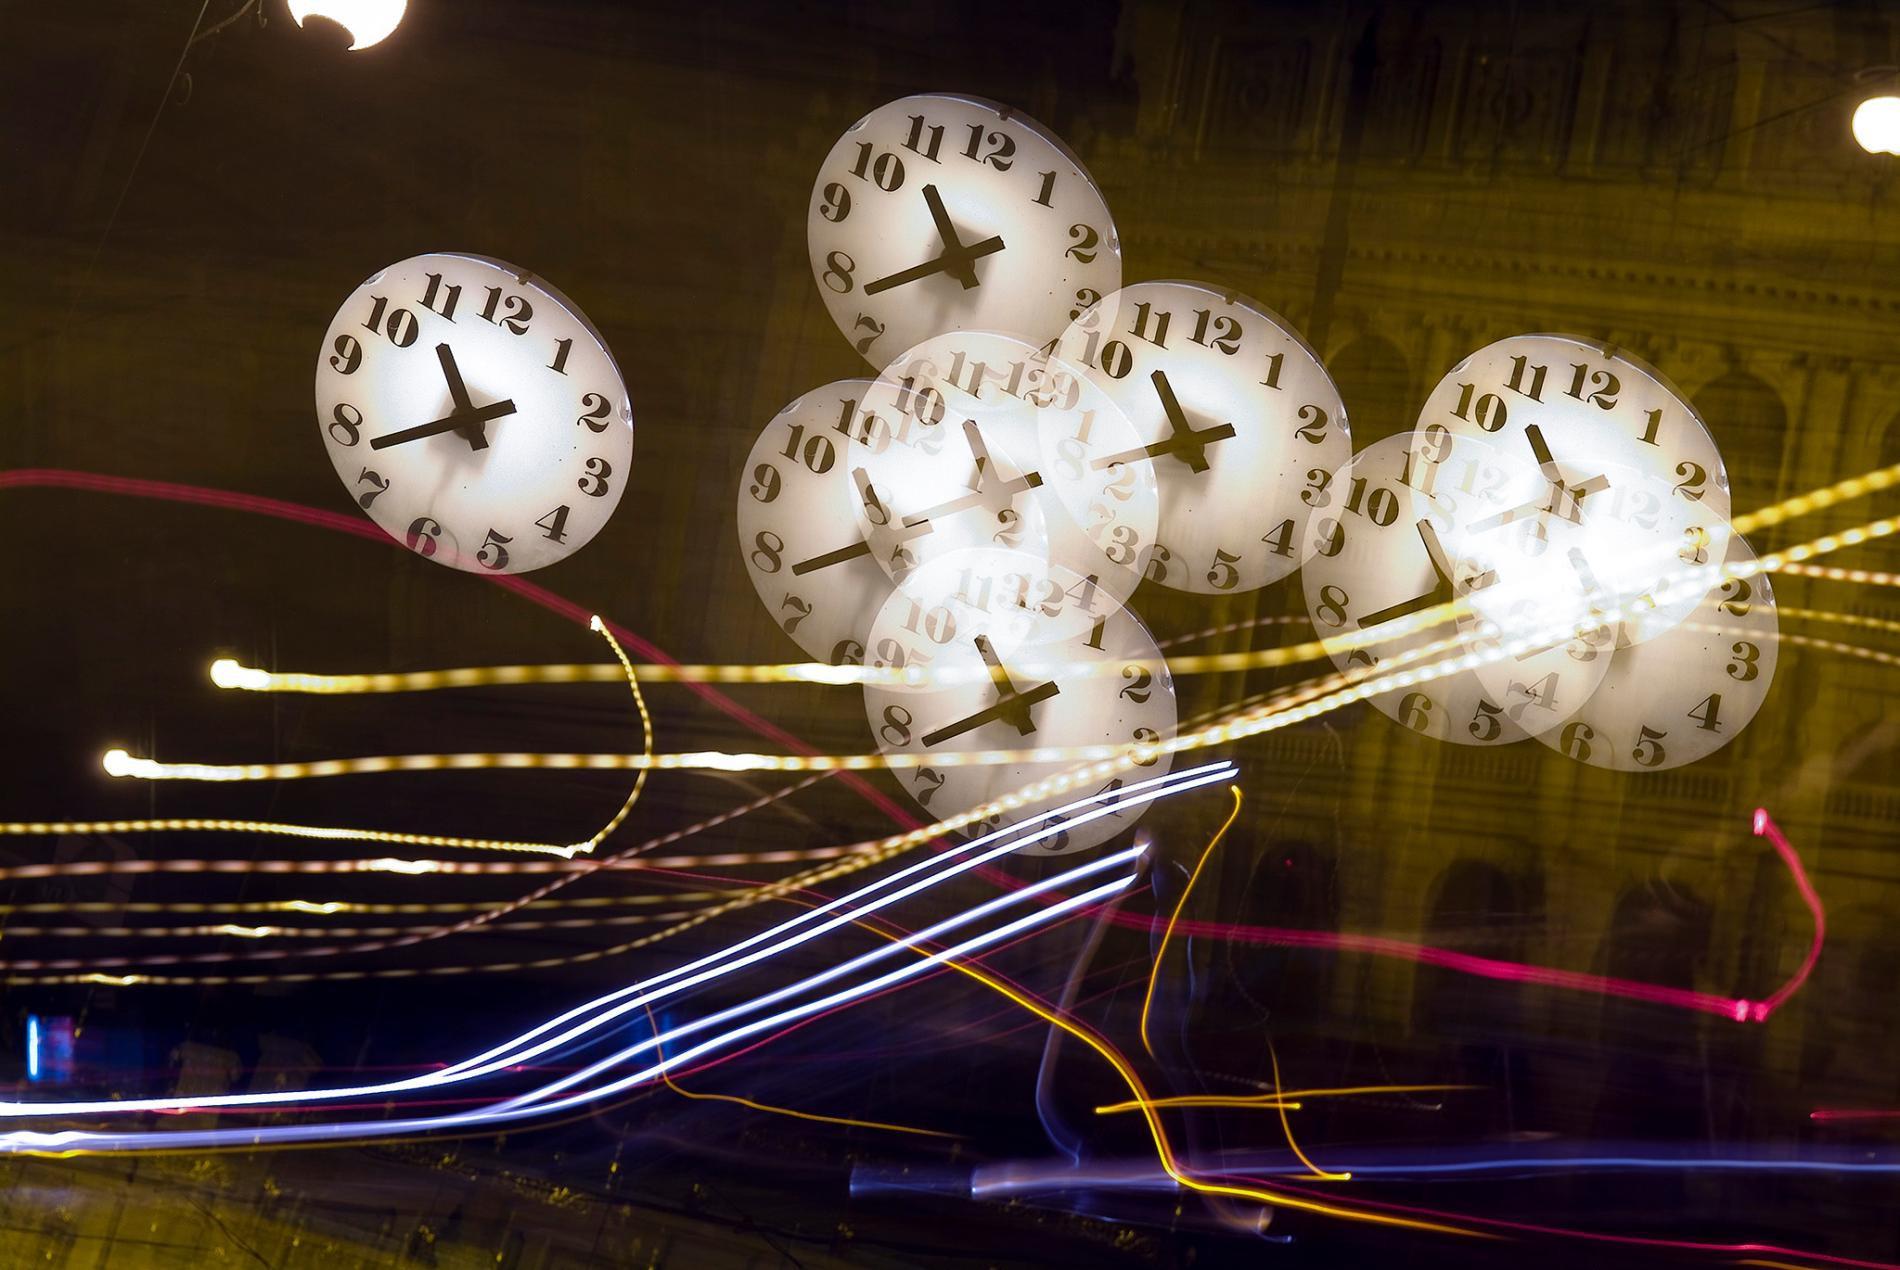 Âm lịch 2019 có 354 ngày, nhưng 2020 thì lên tận 384 và sự thật ít người để ý về lịch âm - Ảnh 3.